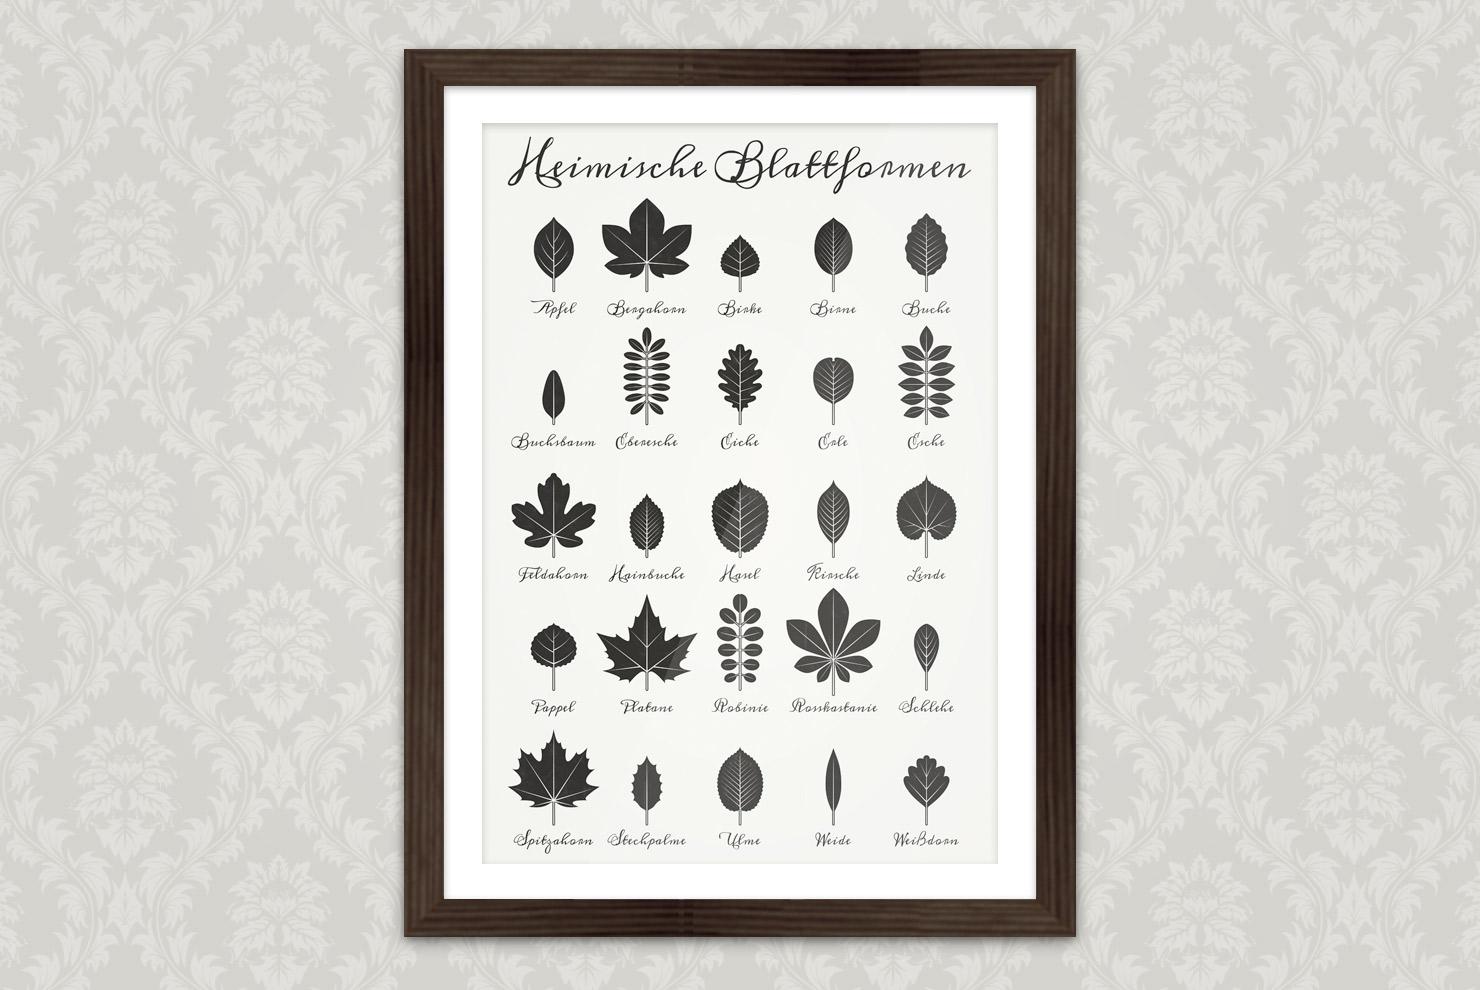 Poster mit einer gezeichneten Infografik zur Bestimmung heimischer Blattformen und der Blätter von Bäumen mit Handschrift